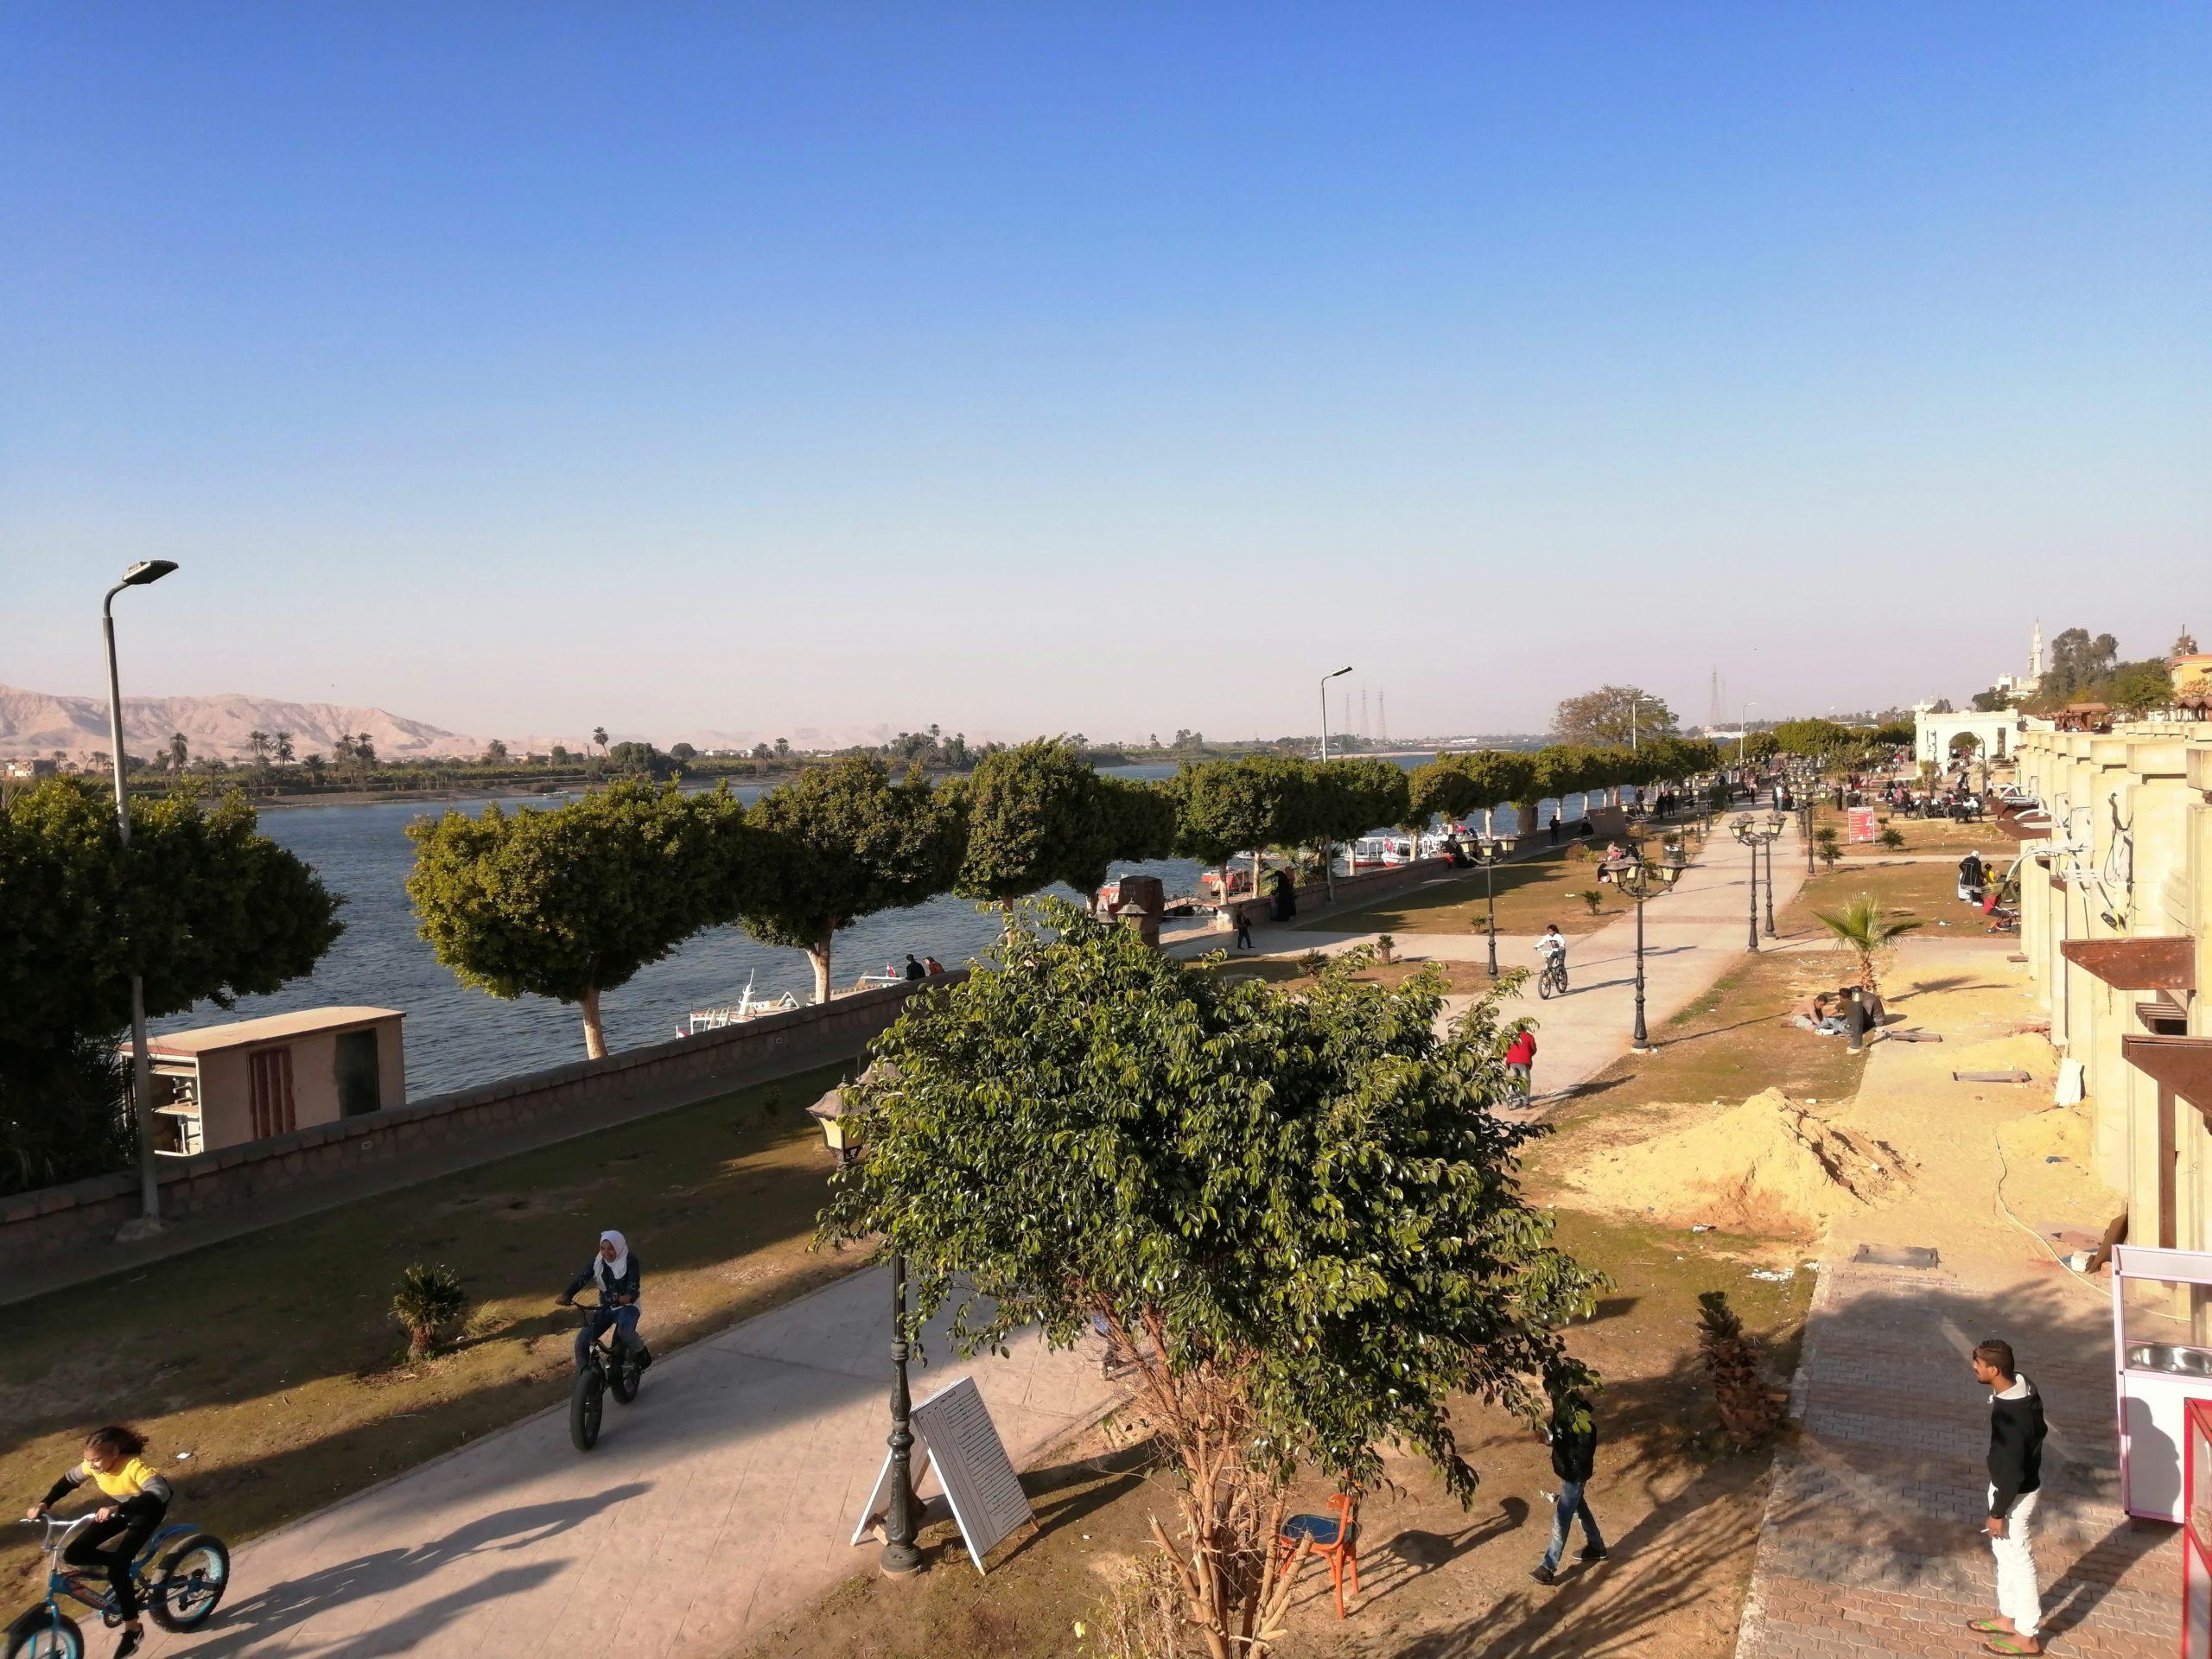 ナイル川沿い遊歩道